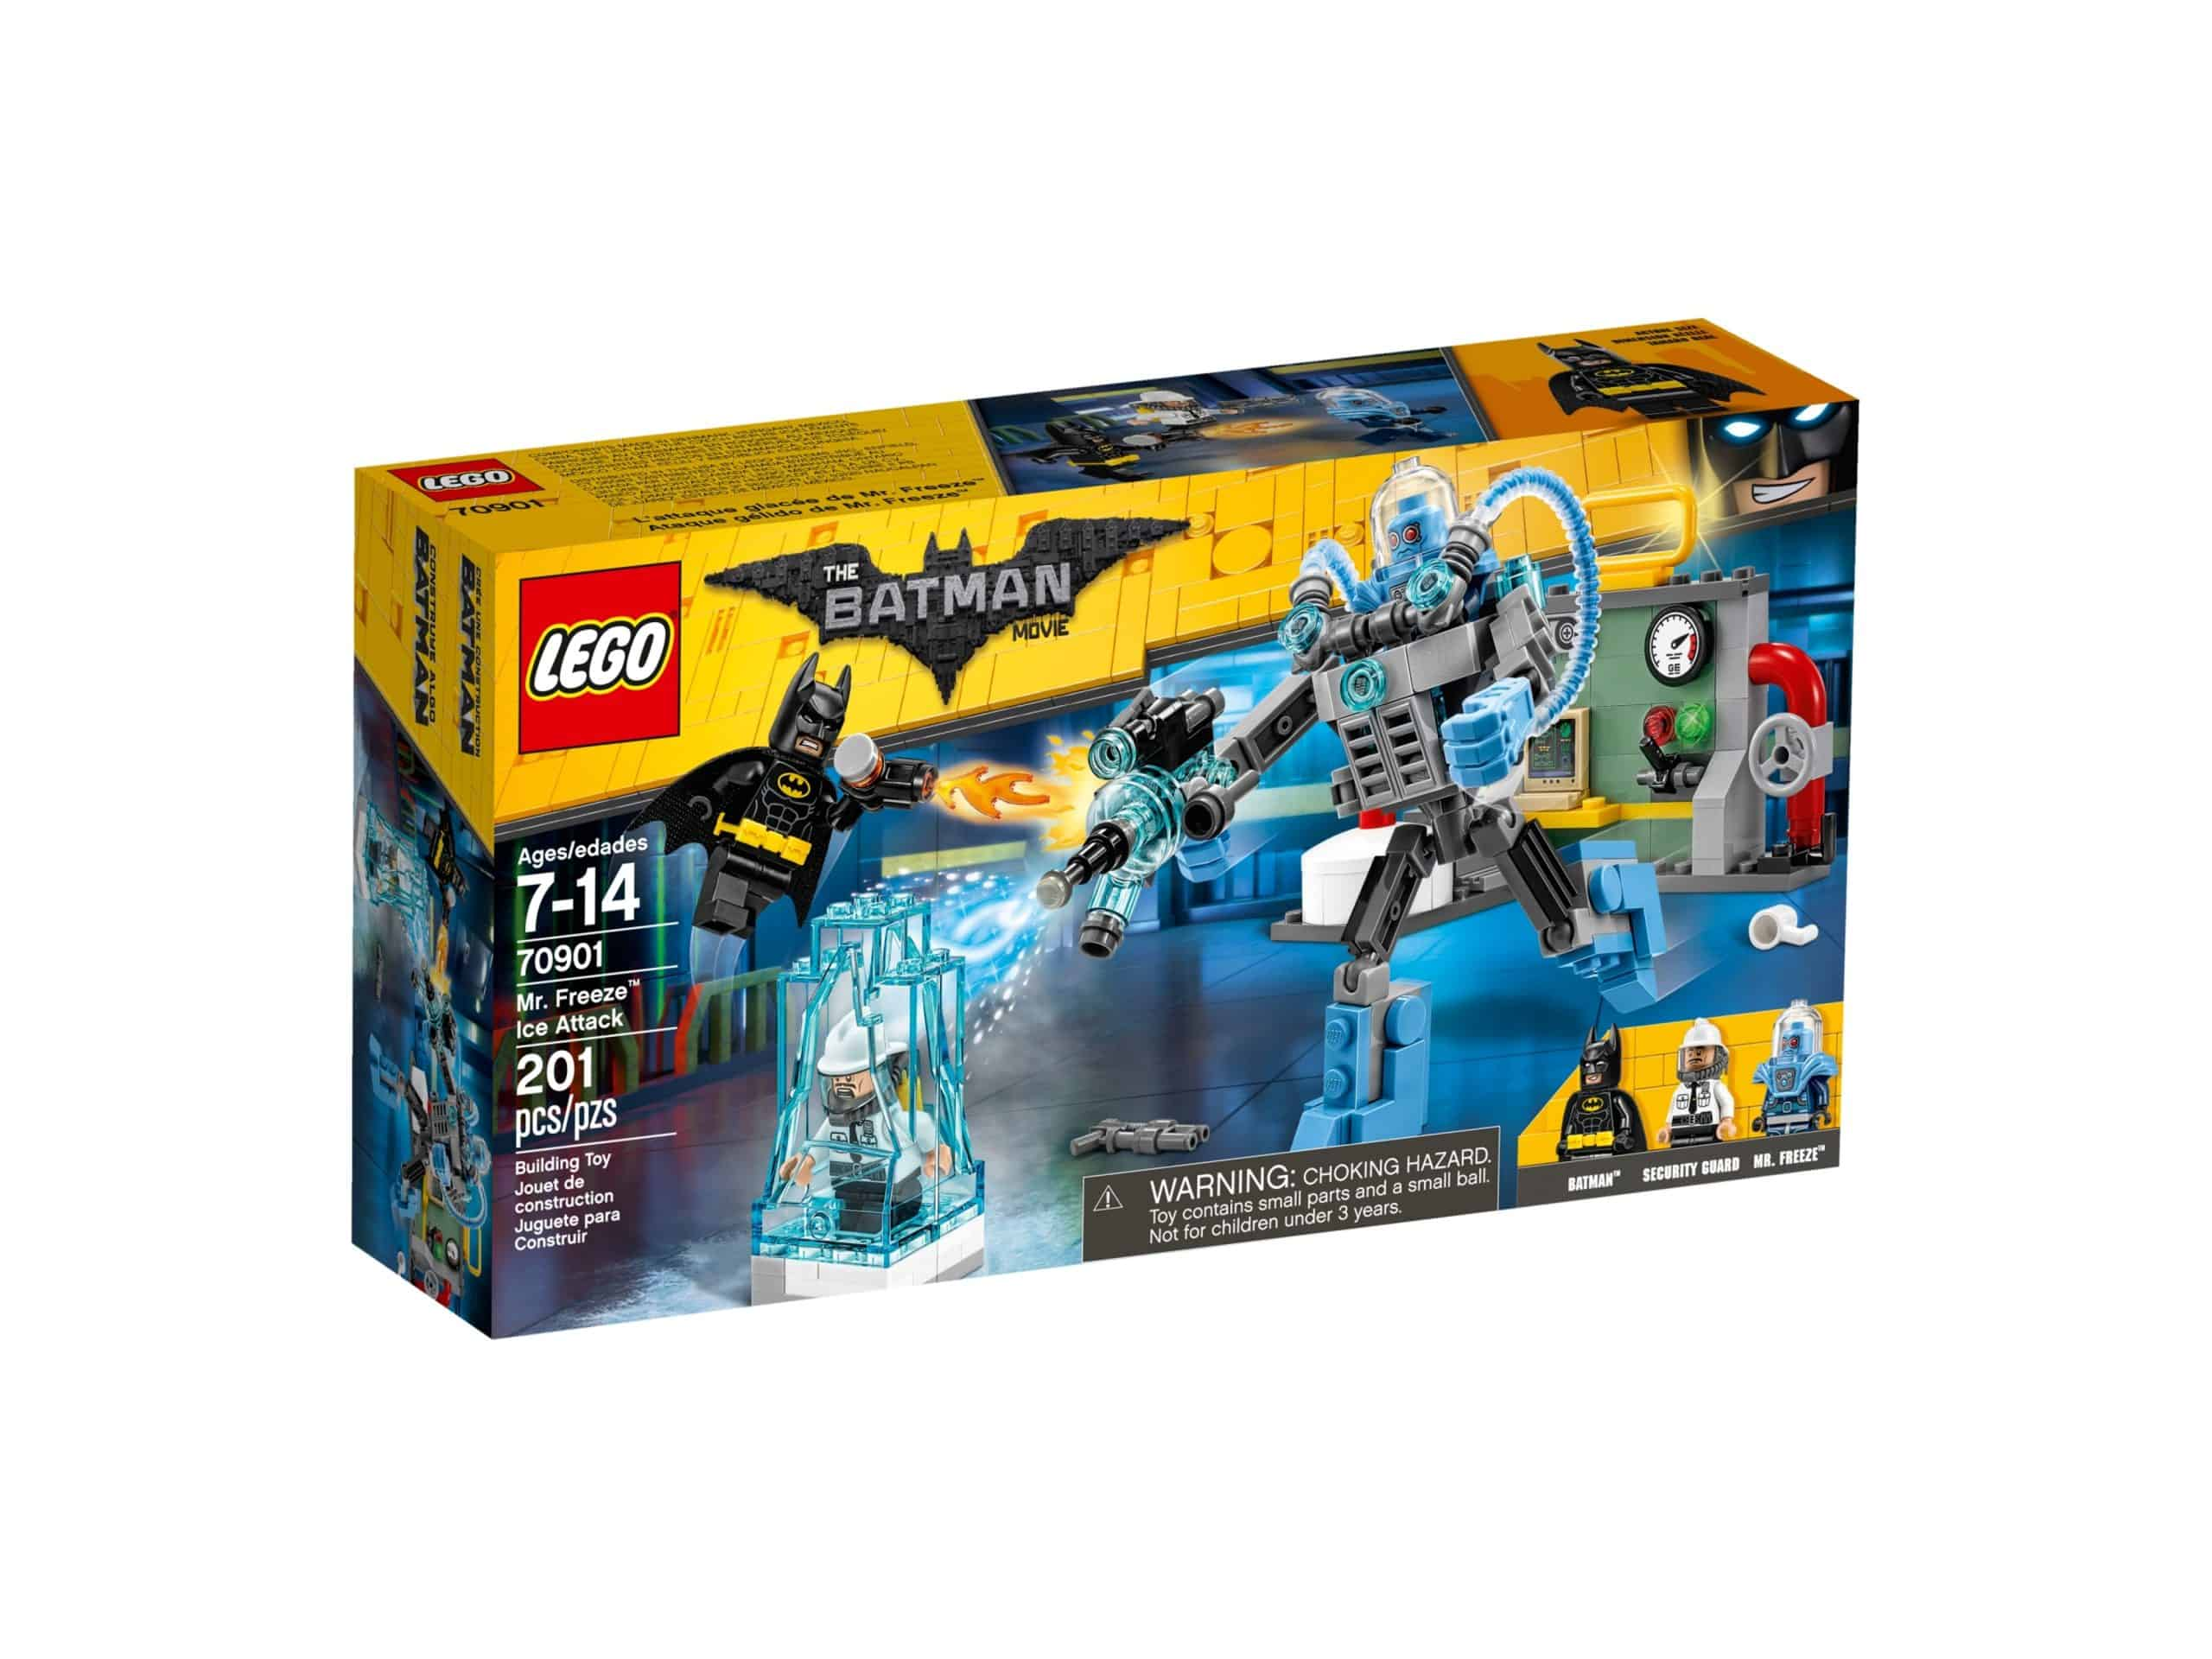 lego 70901 mr freeze isangreb scaled